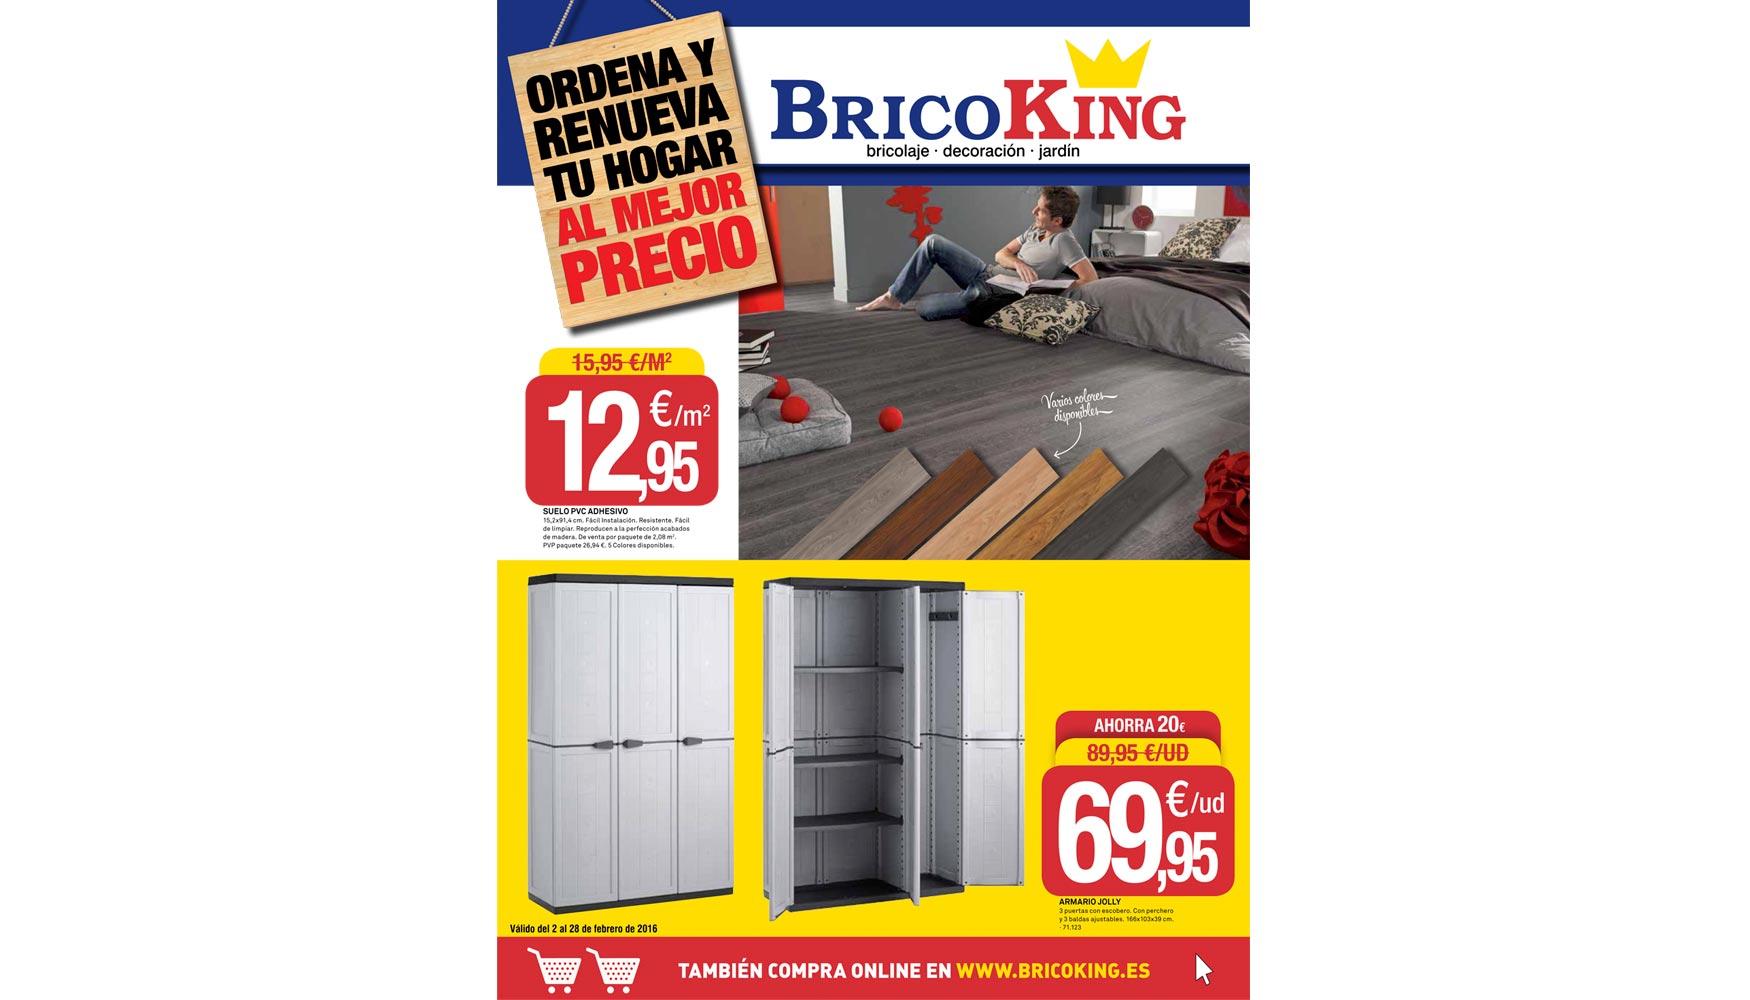 Bricoking lanza su nuevo folleto \'Ordena y Renueva al mejor precio ...